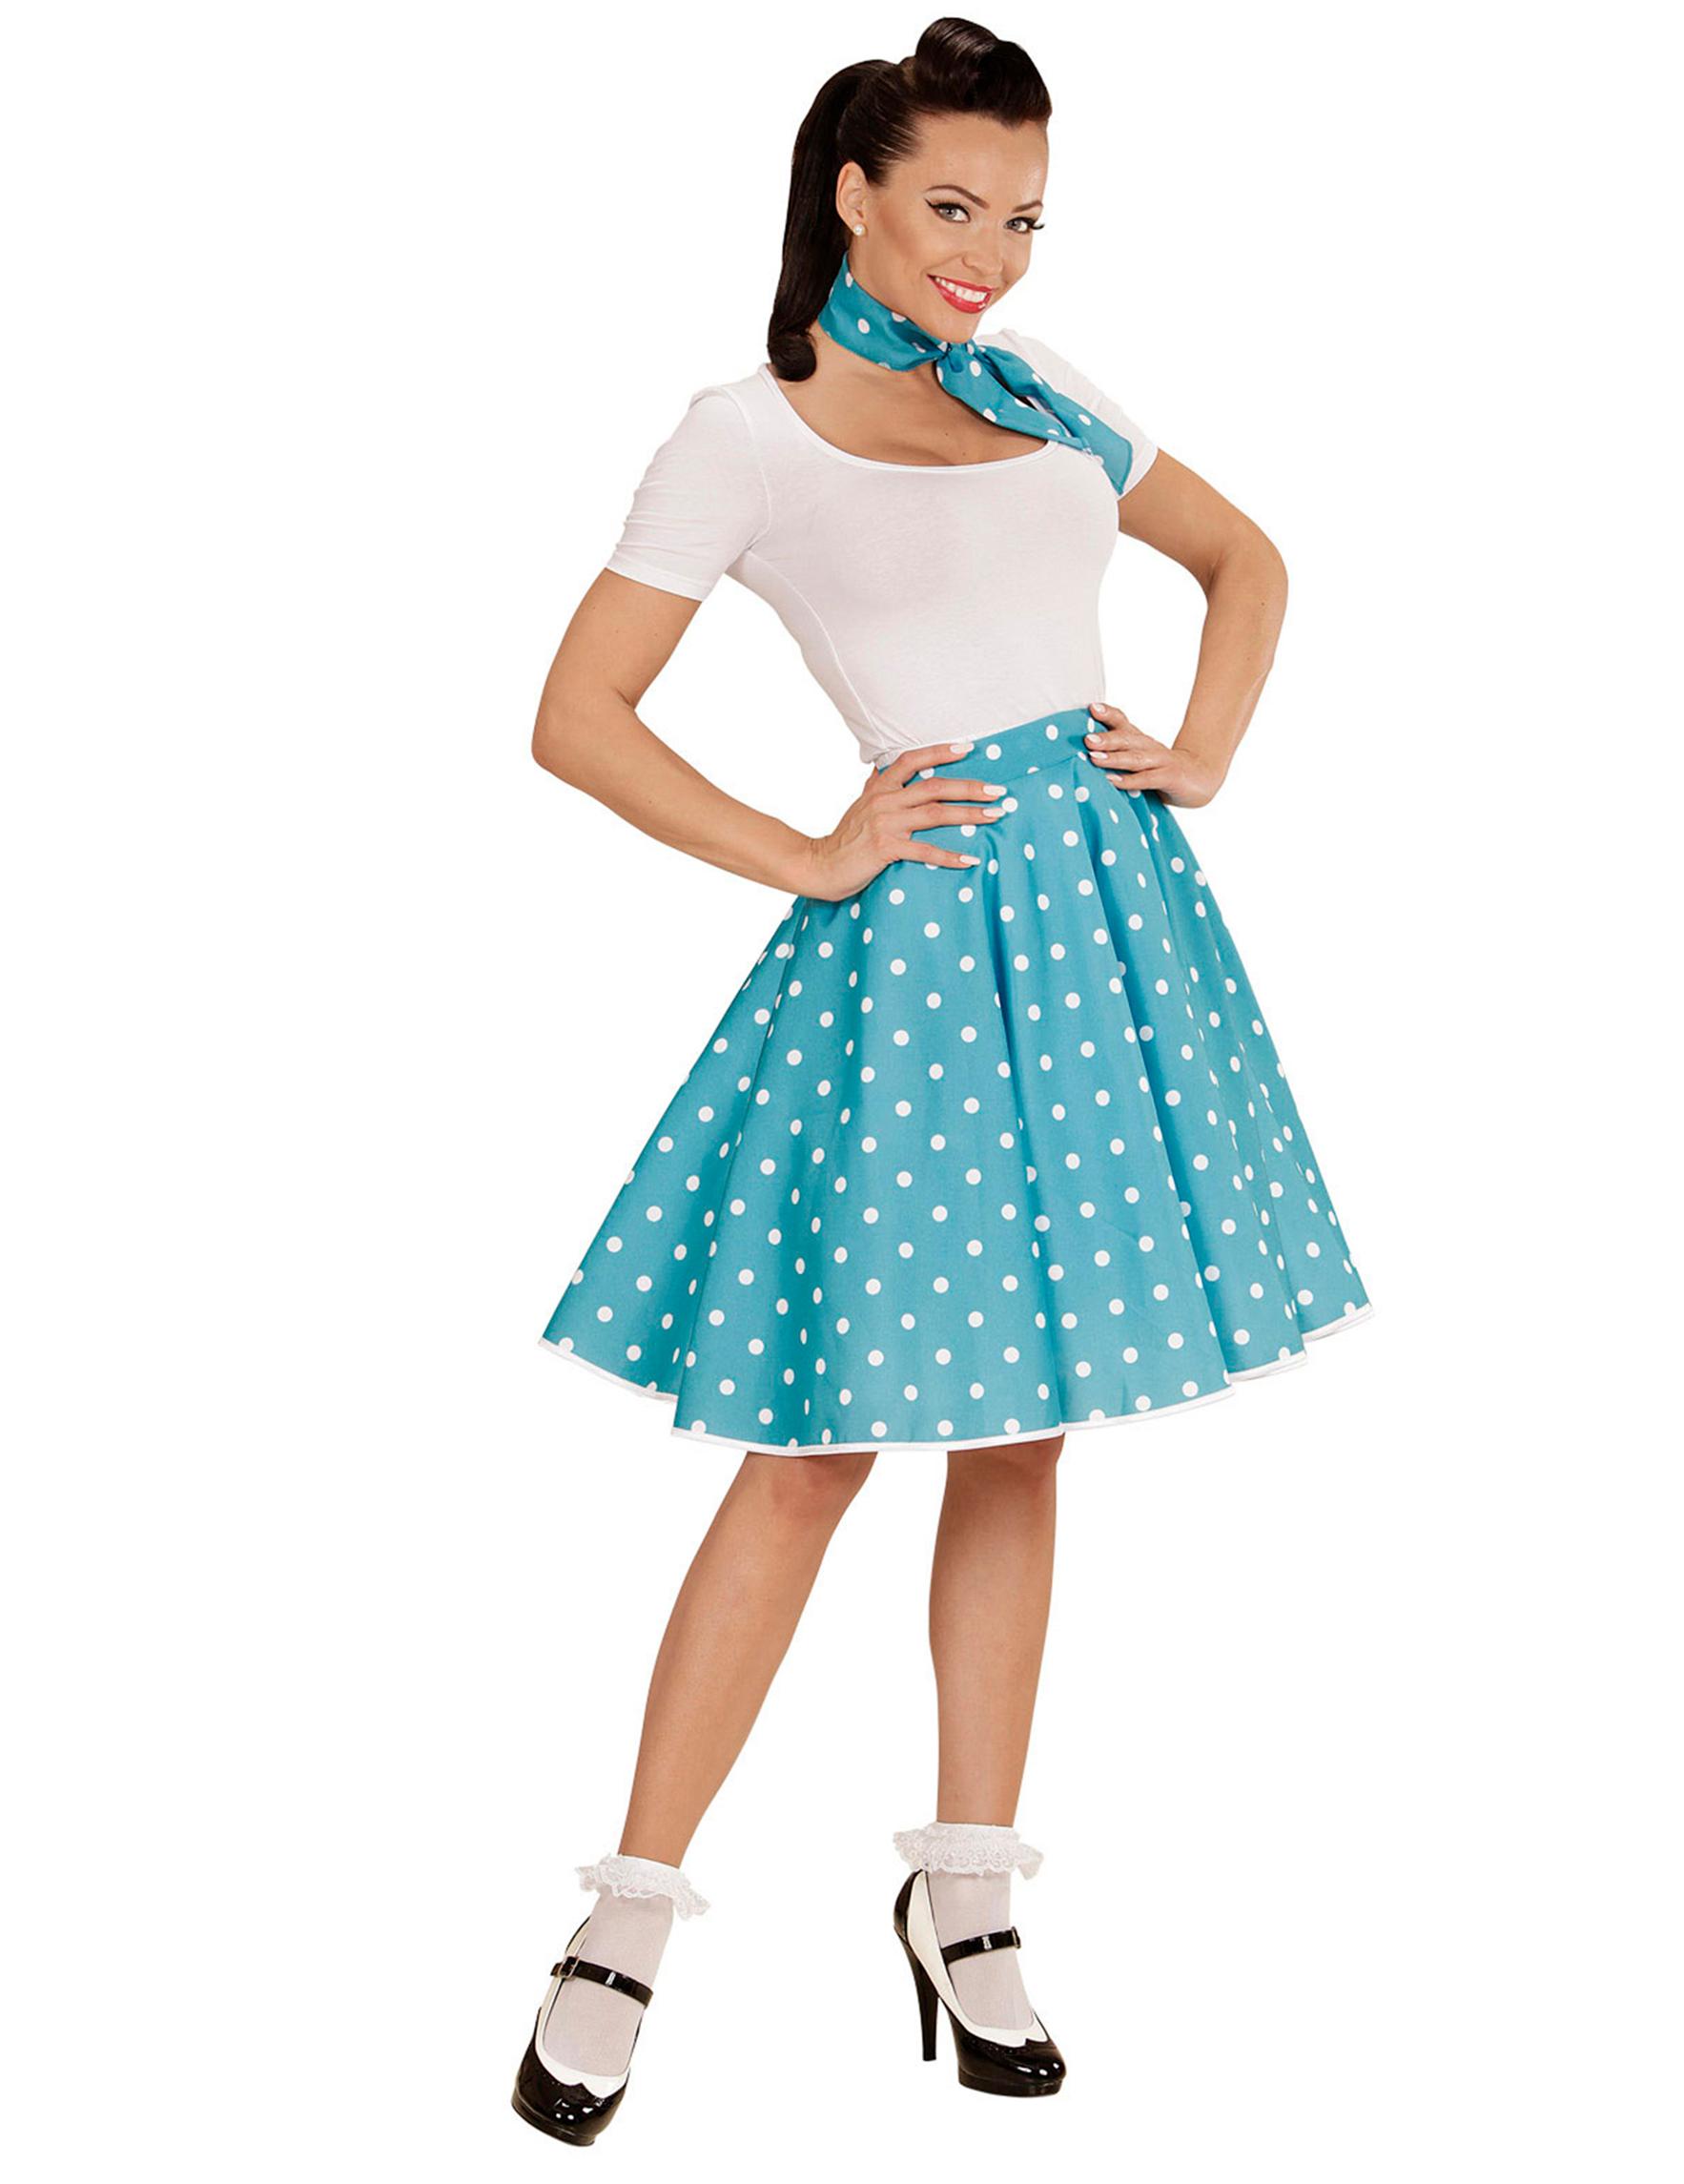 Abbigliamento anni 40 online dating sites 8